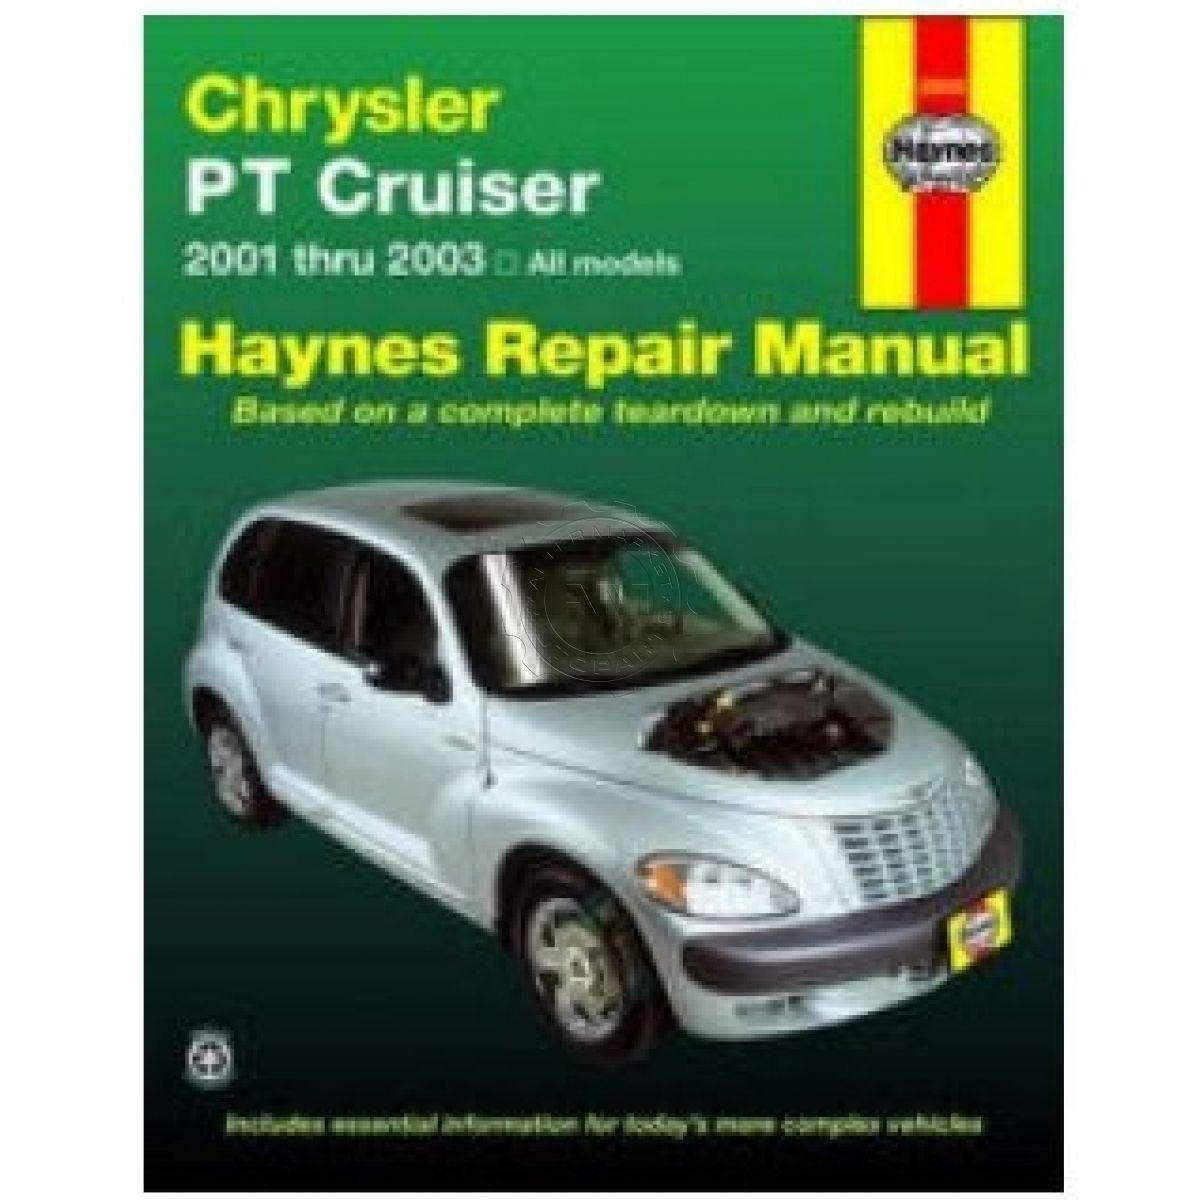 Haynes Repair Manual for Chrysler PT Cruiser 2001 2002 2003